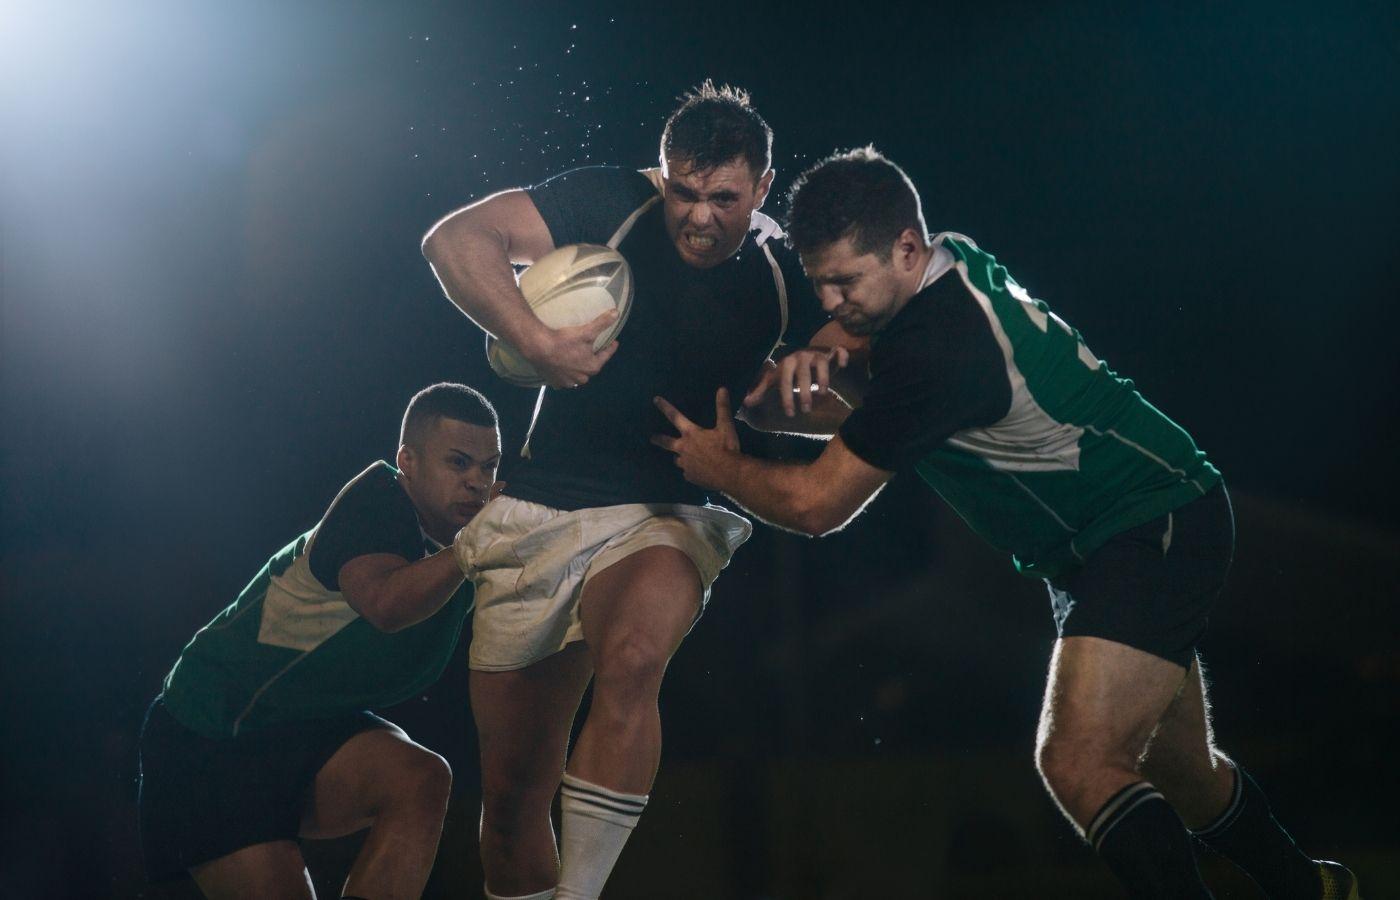 Začíná mistrovství světa v ragby | Sportbiz